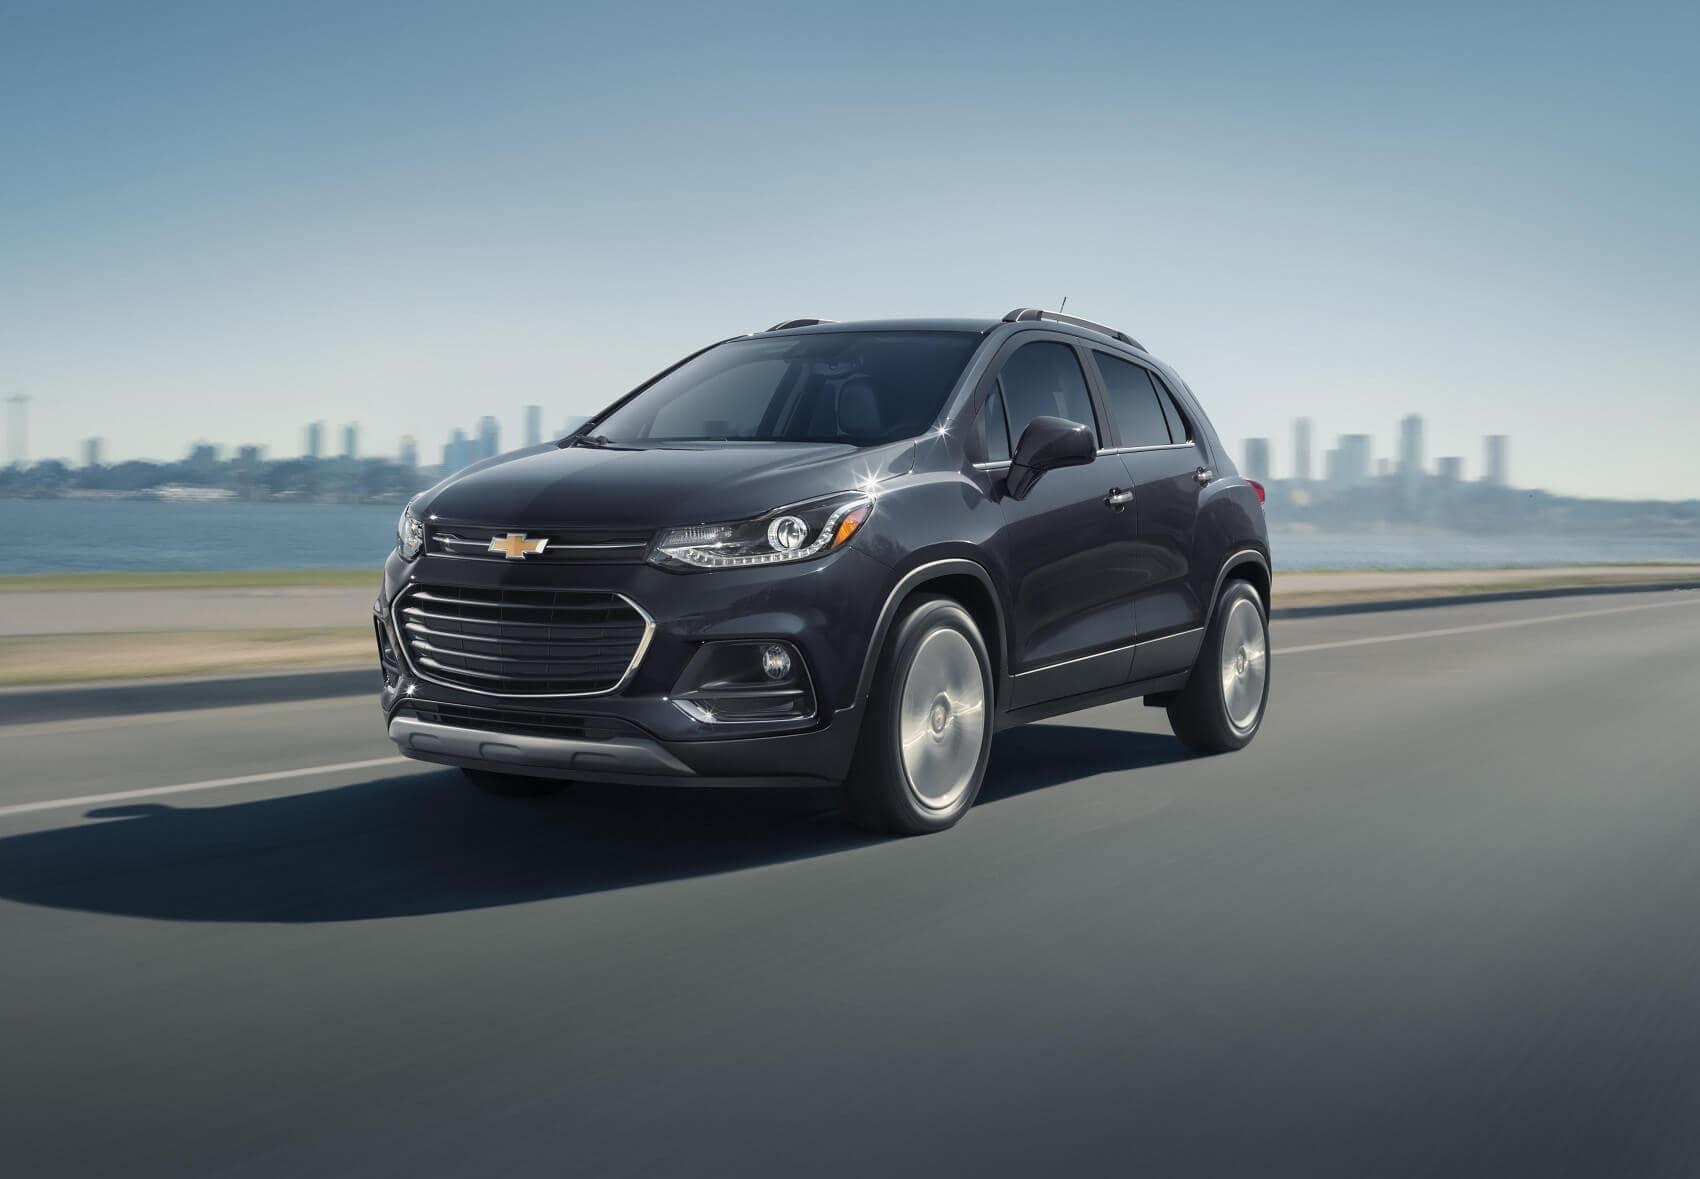 2020 Chevrolet Trax Miles Per Gallon When Driving